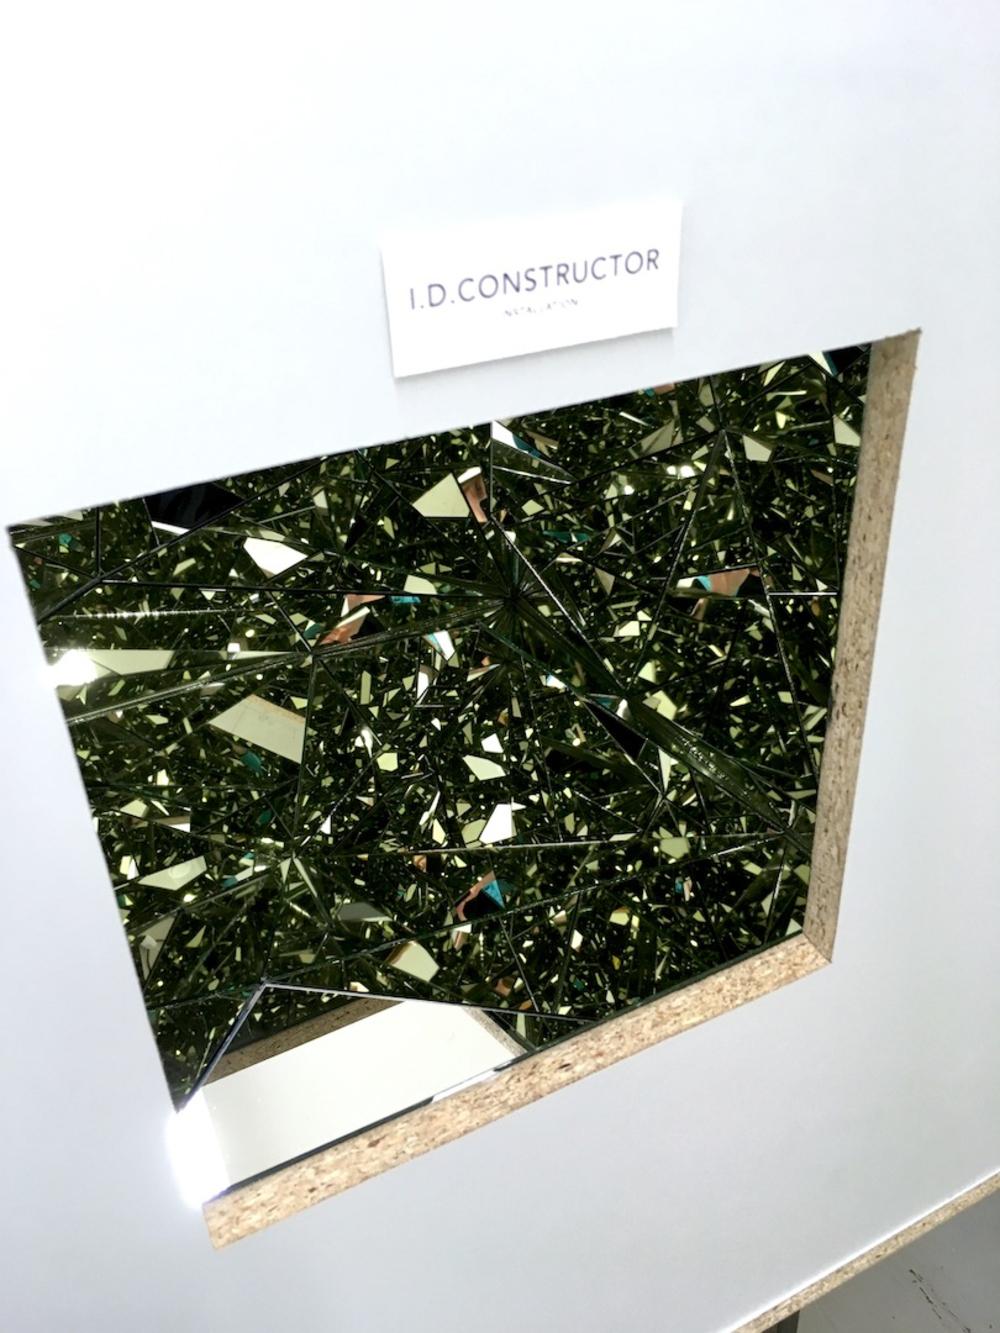 Bild des Sichtfensters des I.D. Constructors